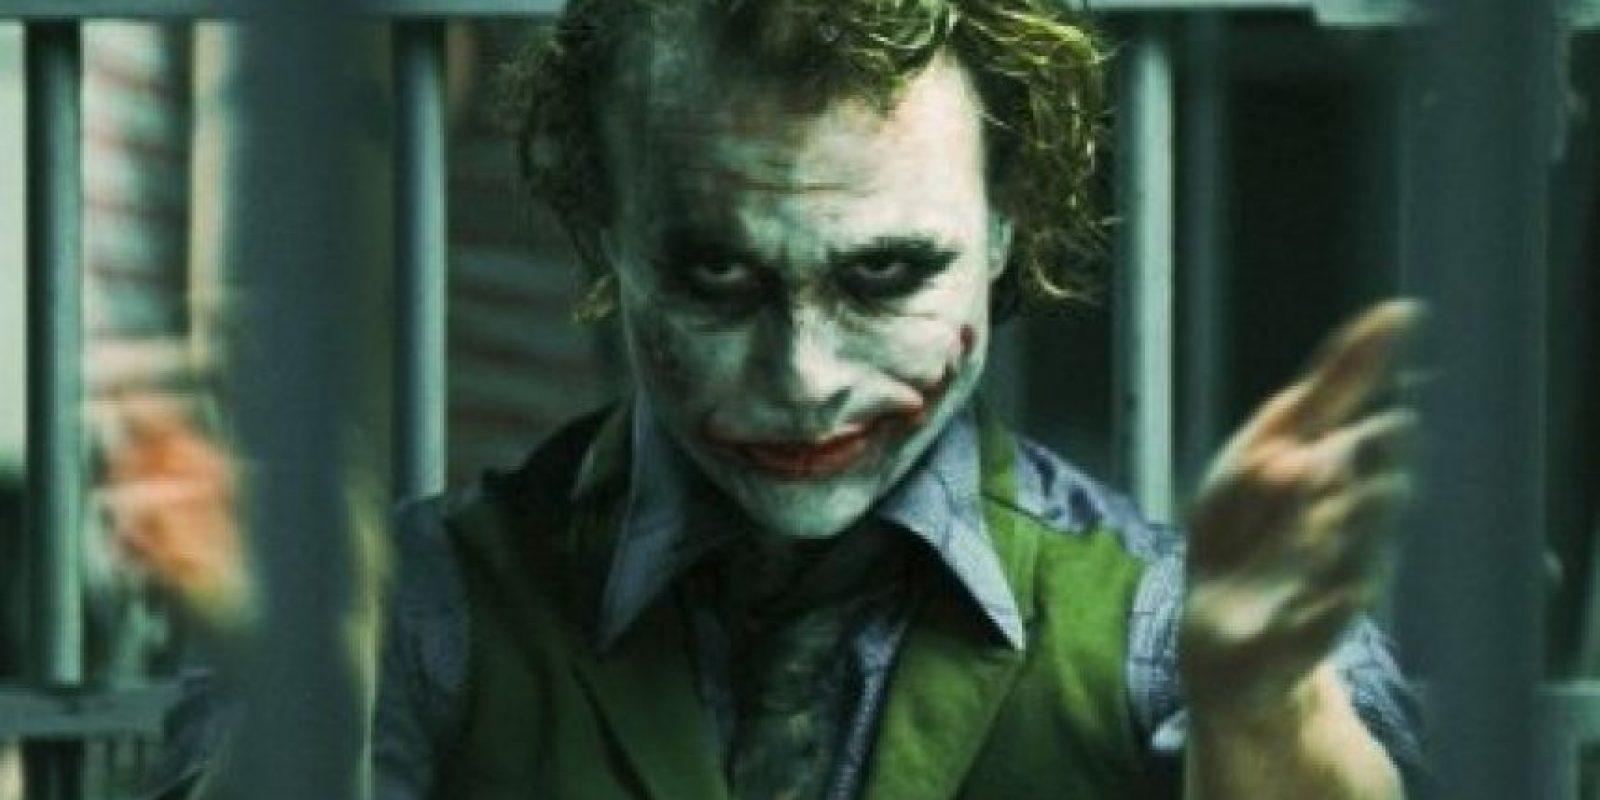 Un 2008, Heath Ledger interpretó una de las versiones más populares de este personaje. Foto:IMDB